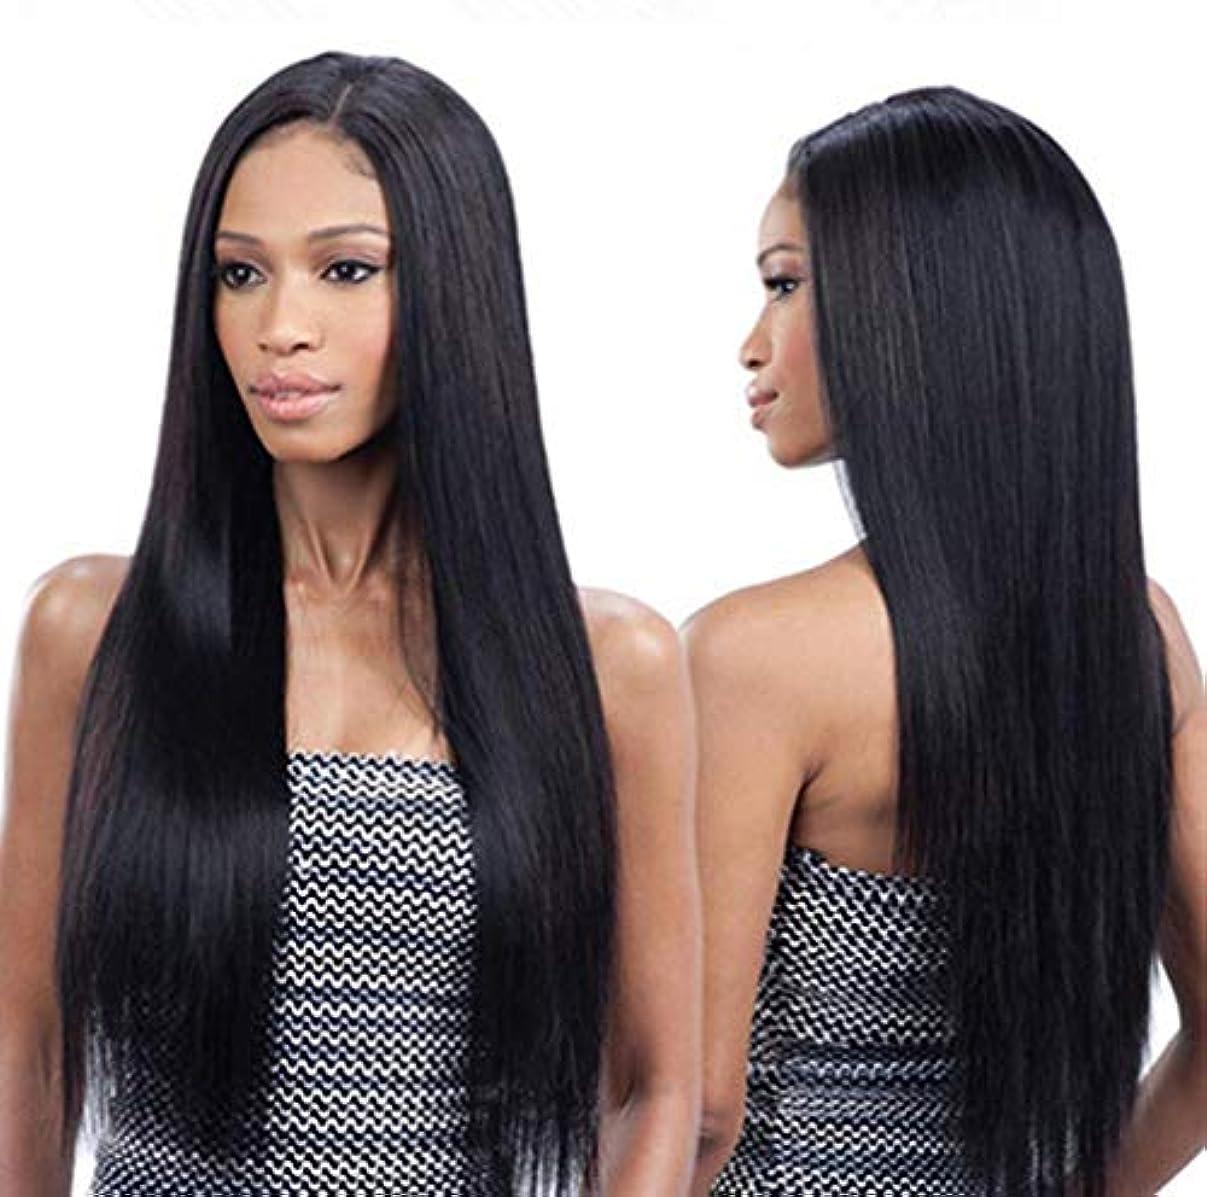 ポーン参照する平和的女性のかつらの毛の耐熱性合成かつらロングストレート耐熱毛事前摘み取られたかつらブラック150%密度